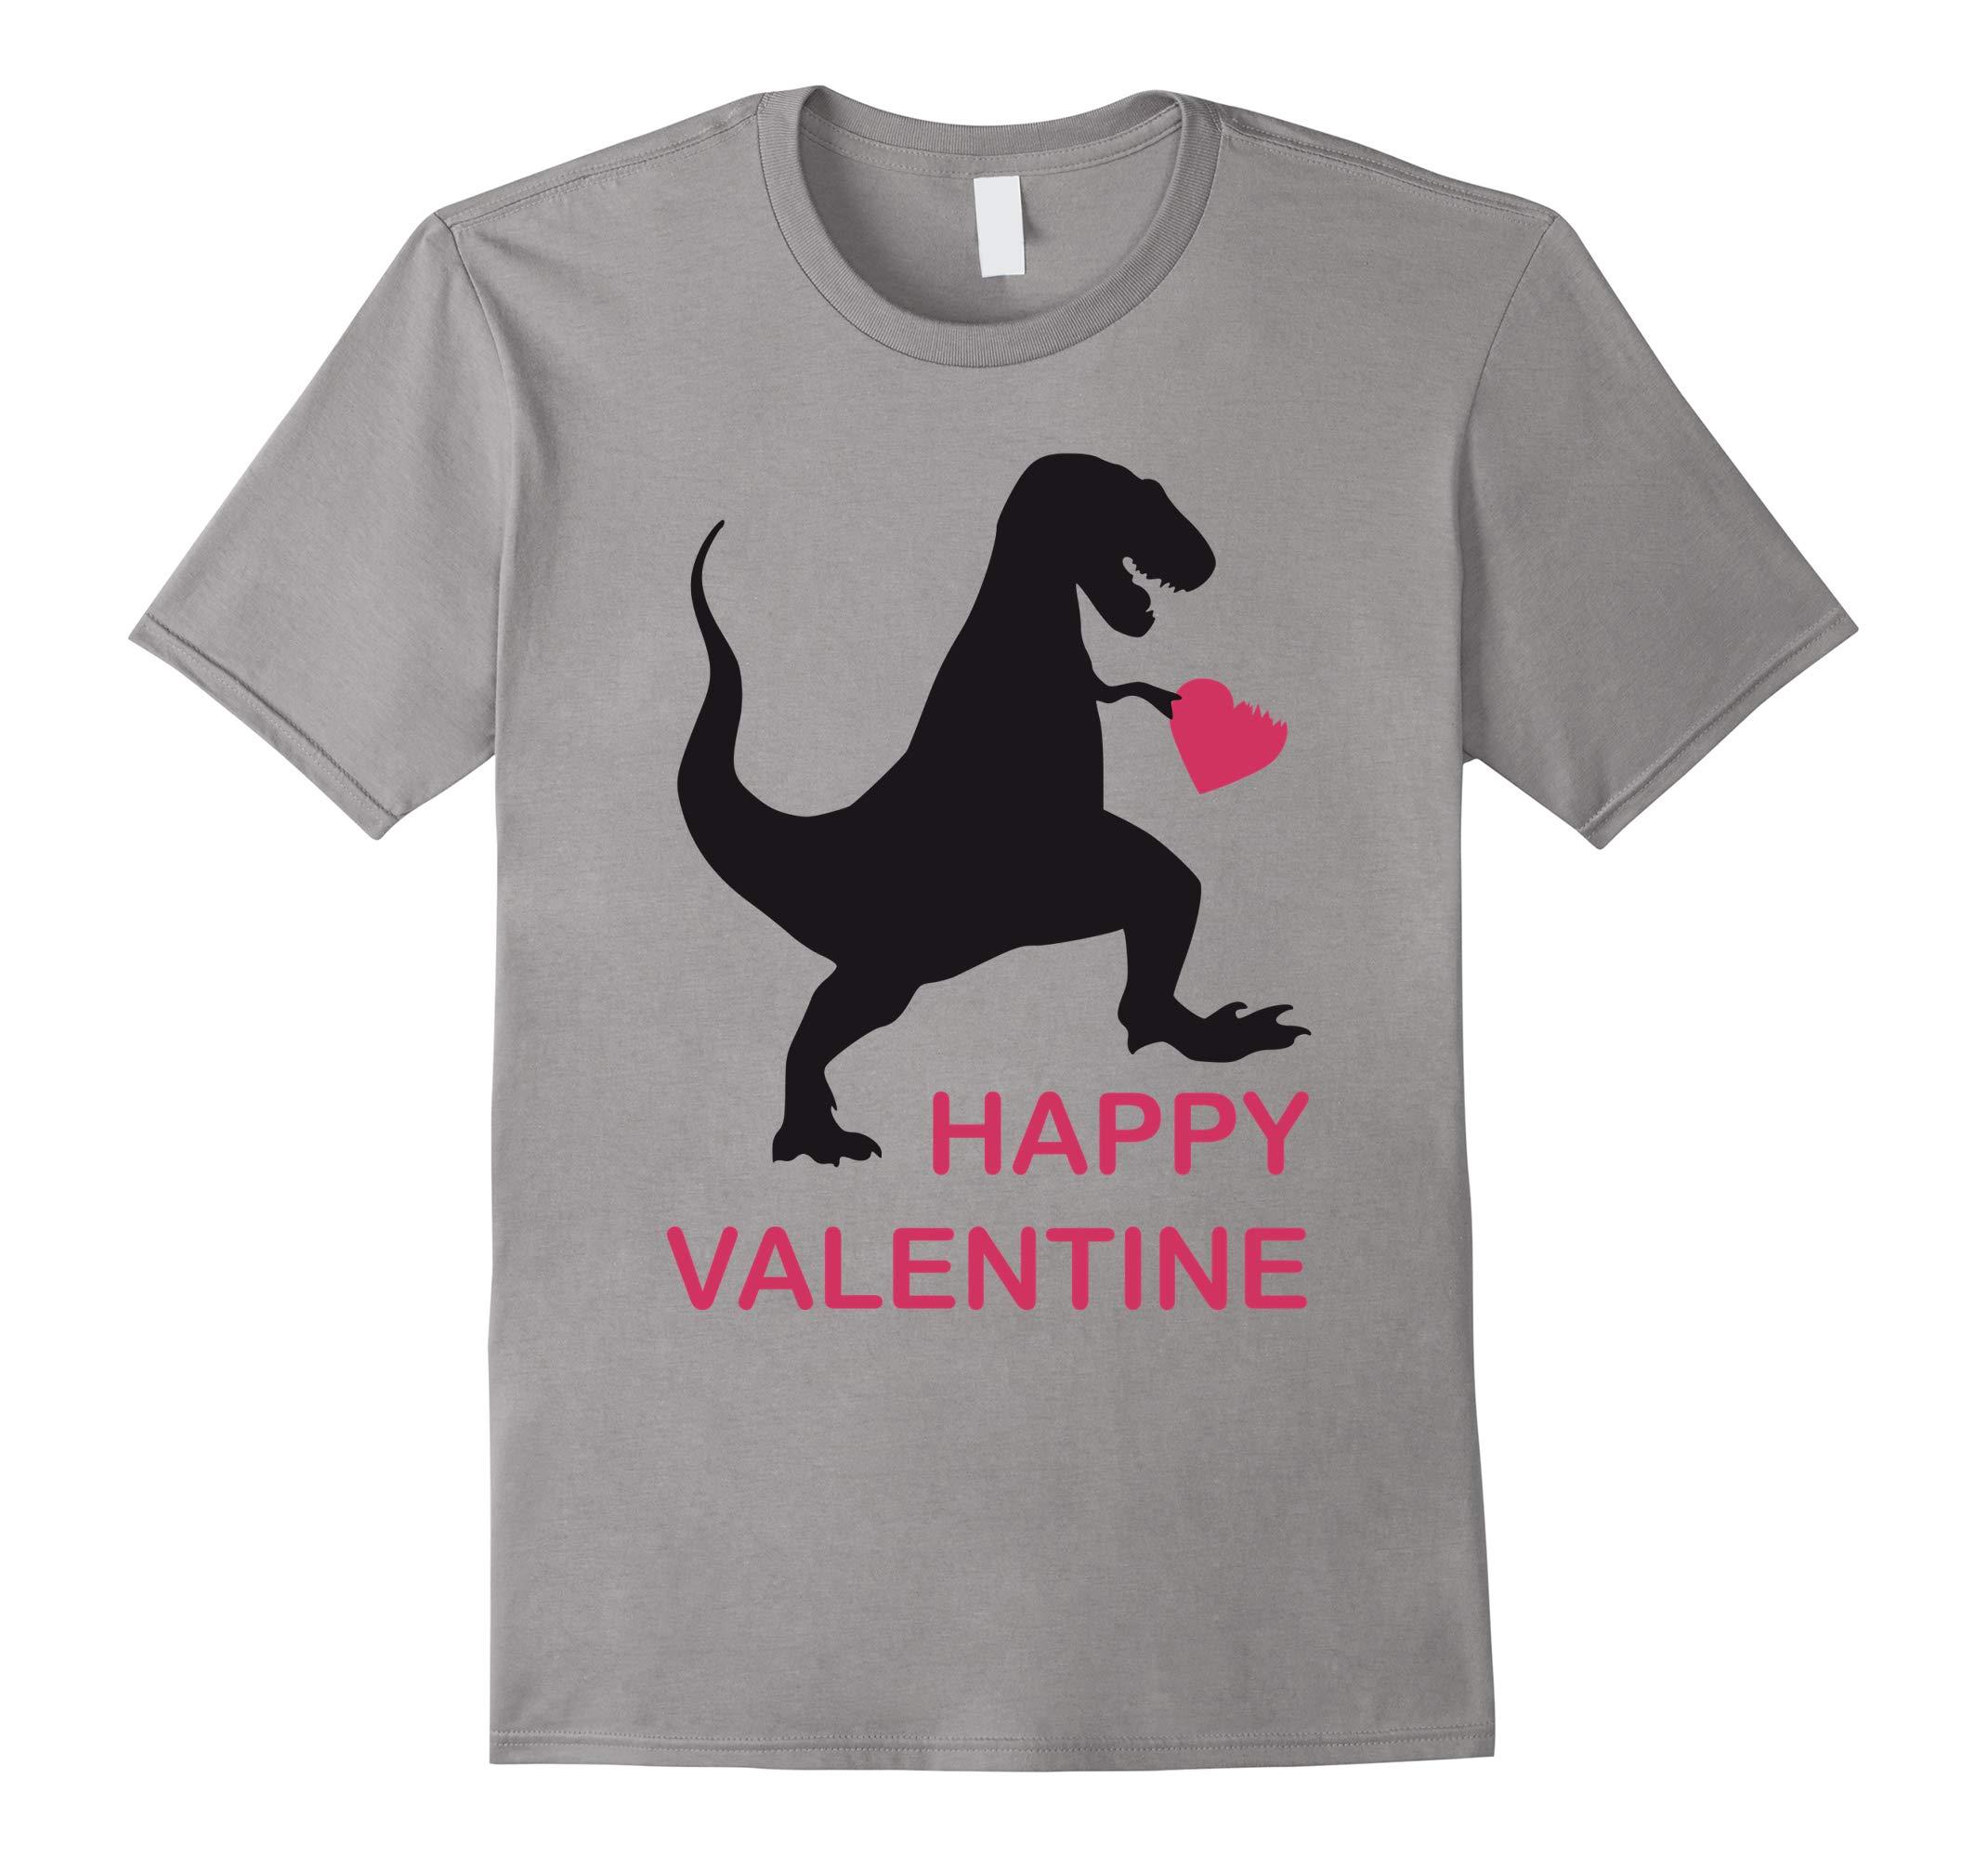 T-Rex Love Valentine's Day Gift Dino T-Shirt-RT